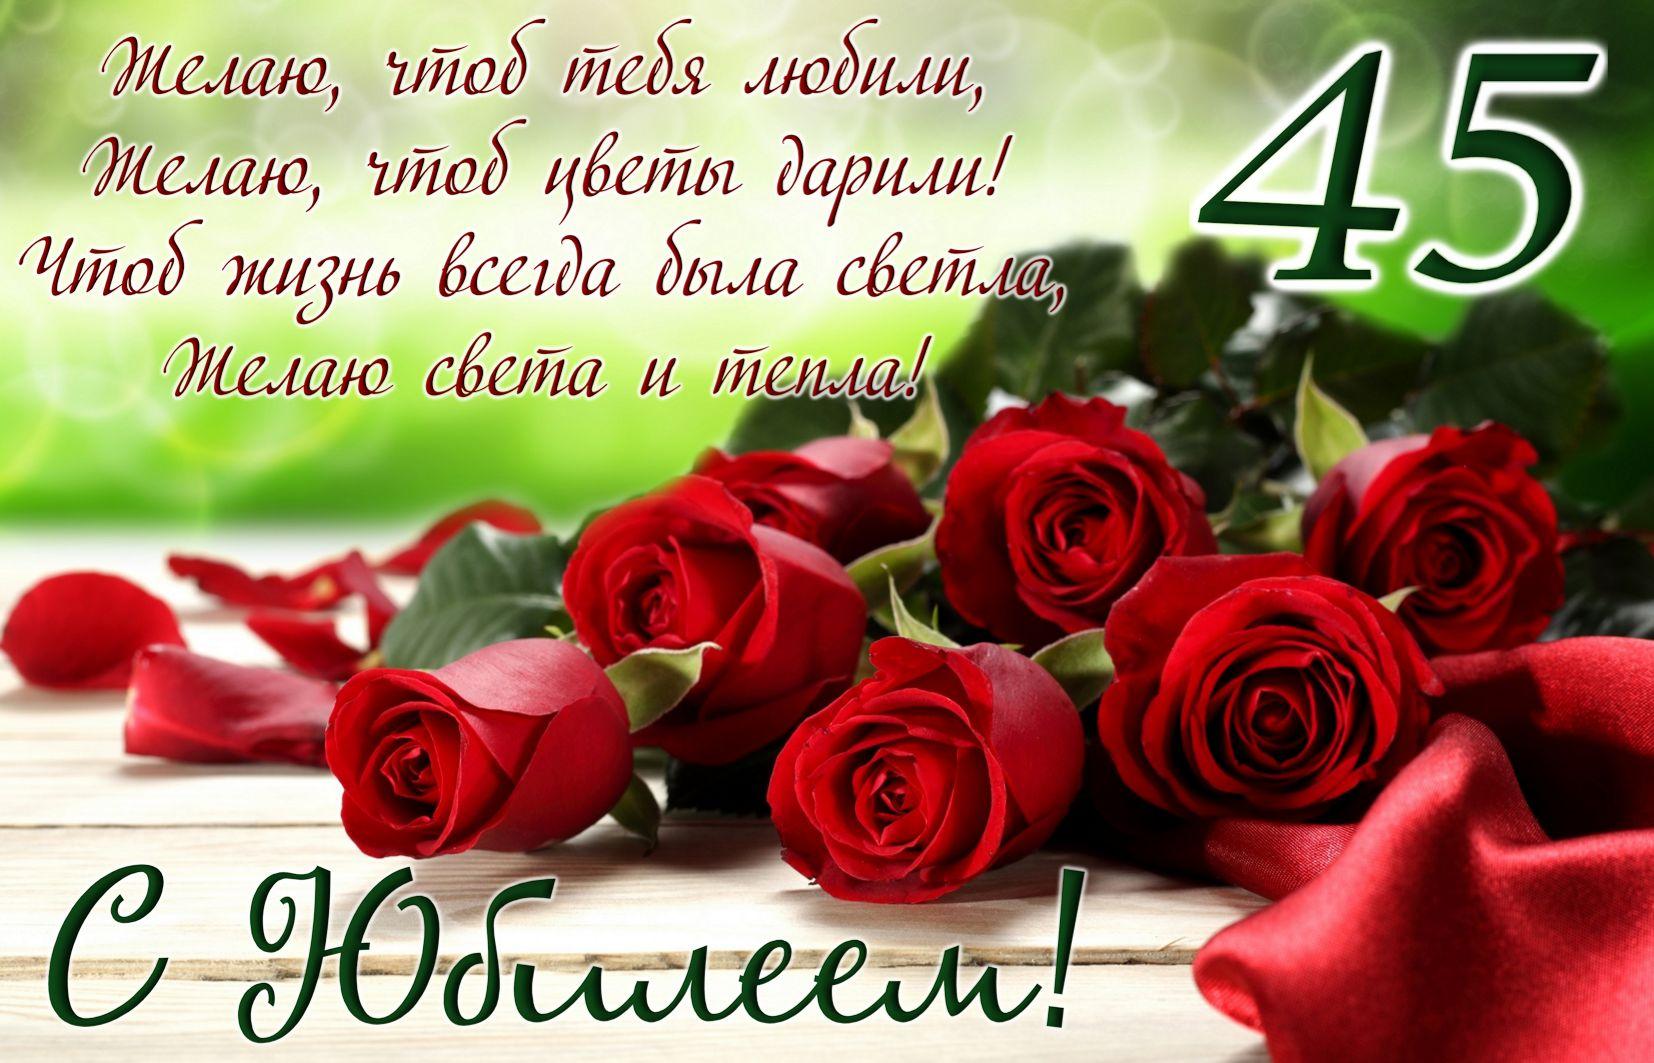 Поздравления к юбилею 45 лет прикольные